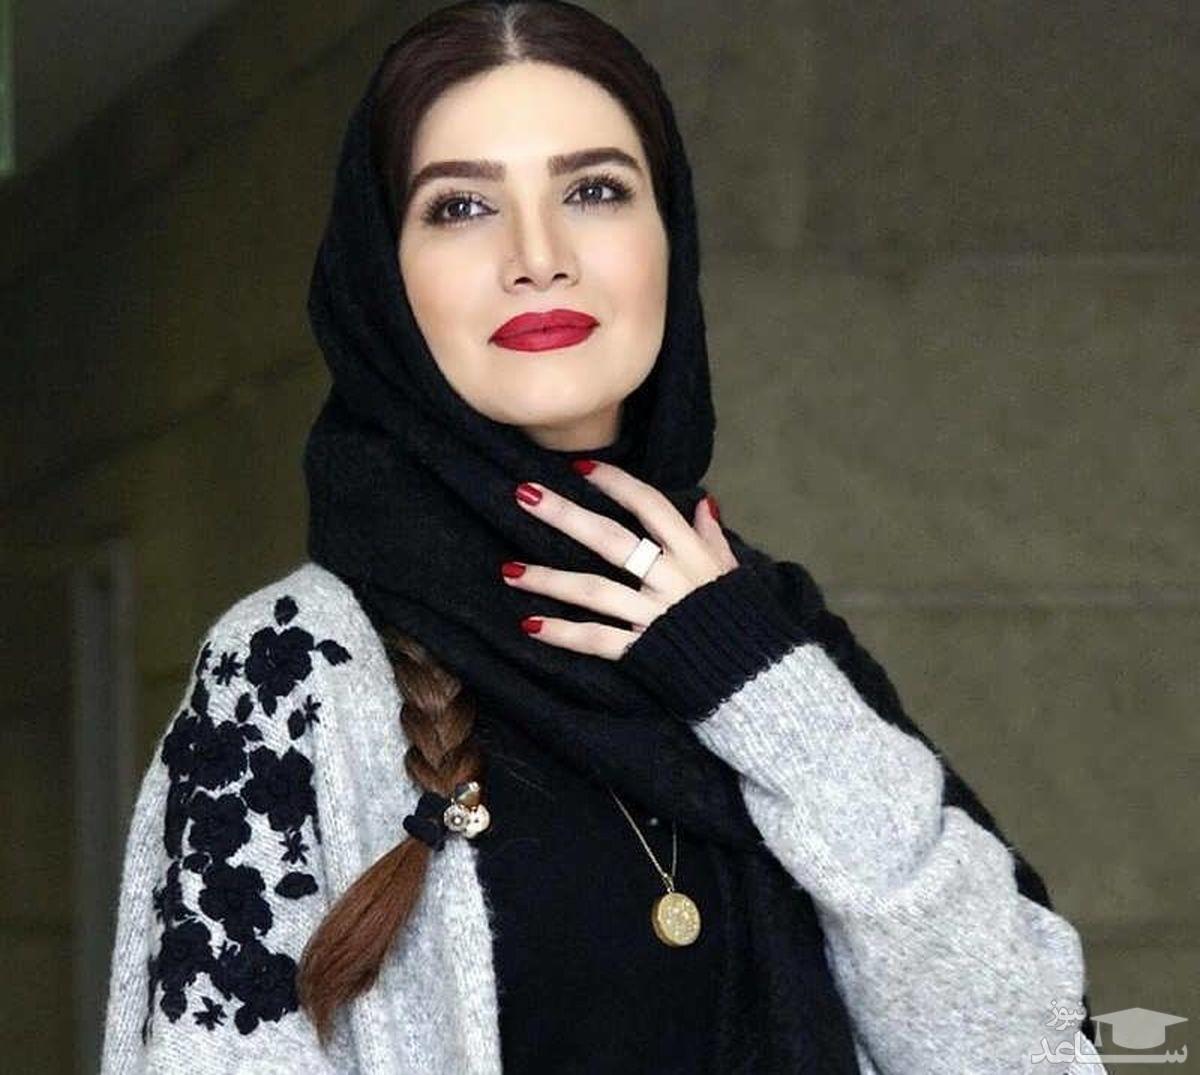 جذاب ترین تصویر متین ستوده با آرایش لایت